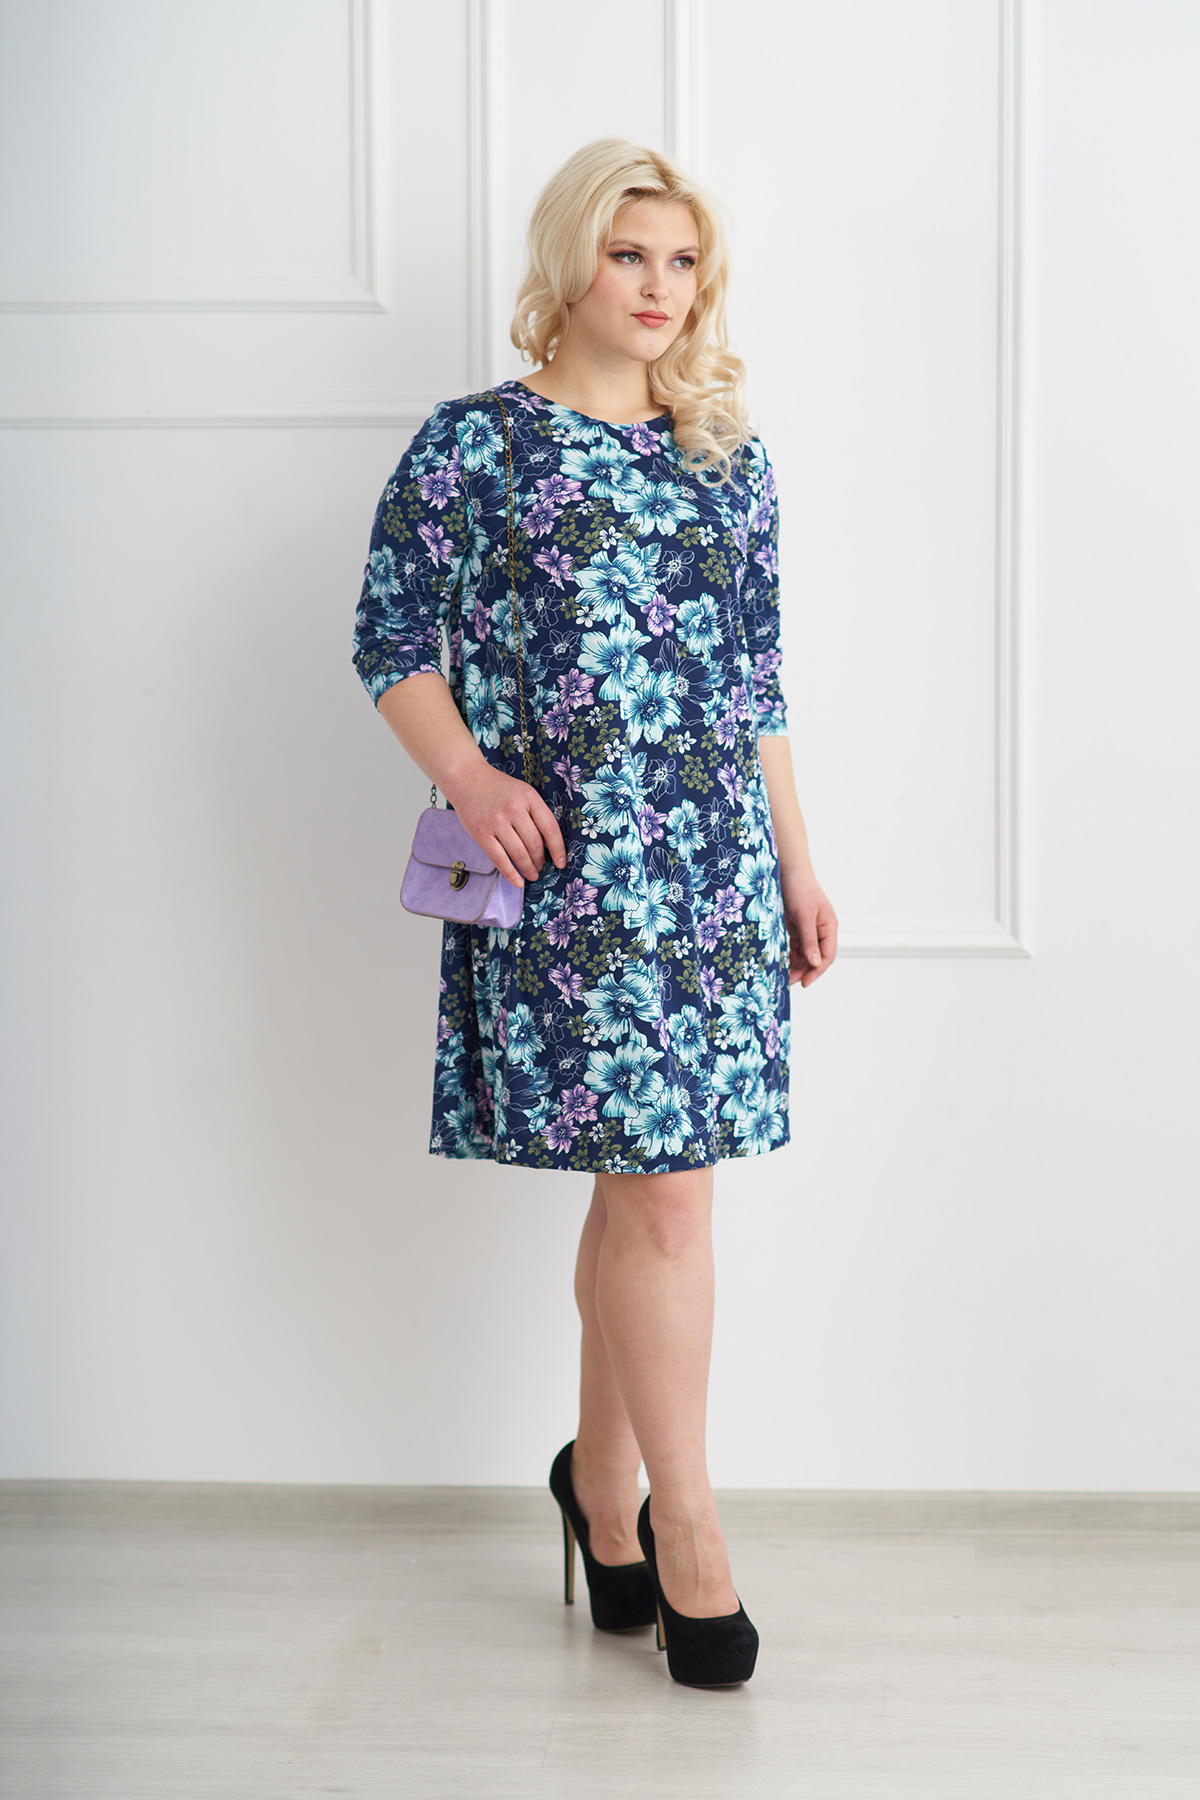 Жен. платье арт. 19-0072 Голубой р. 52Платья<br>Факт. ОГ: 108 см <br>Факт. ОТ: 122 см <br>Факт. ОБ: 136 см <br>Длина по спинке: 94 см<br><br>Тип: Жен. платье<br>Размер: 52<br>Материал: Трикотажное полотно